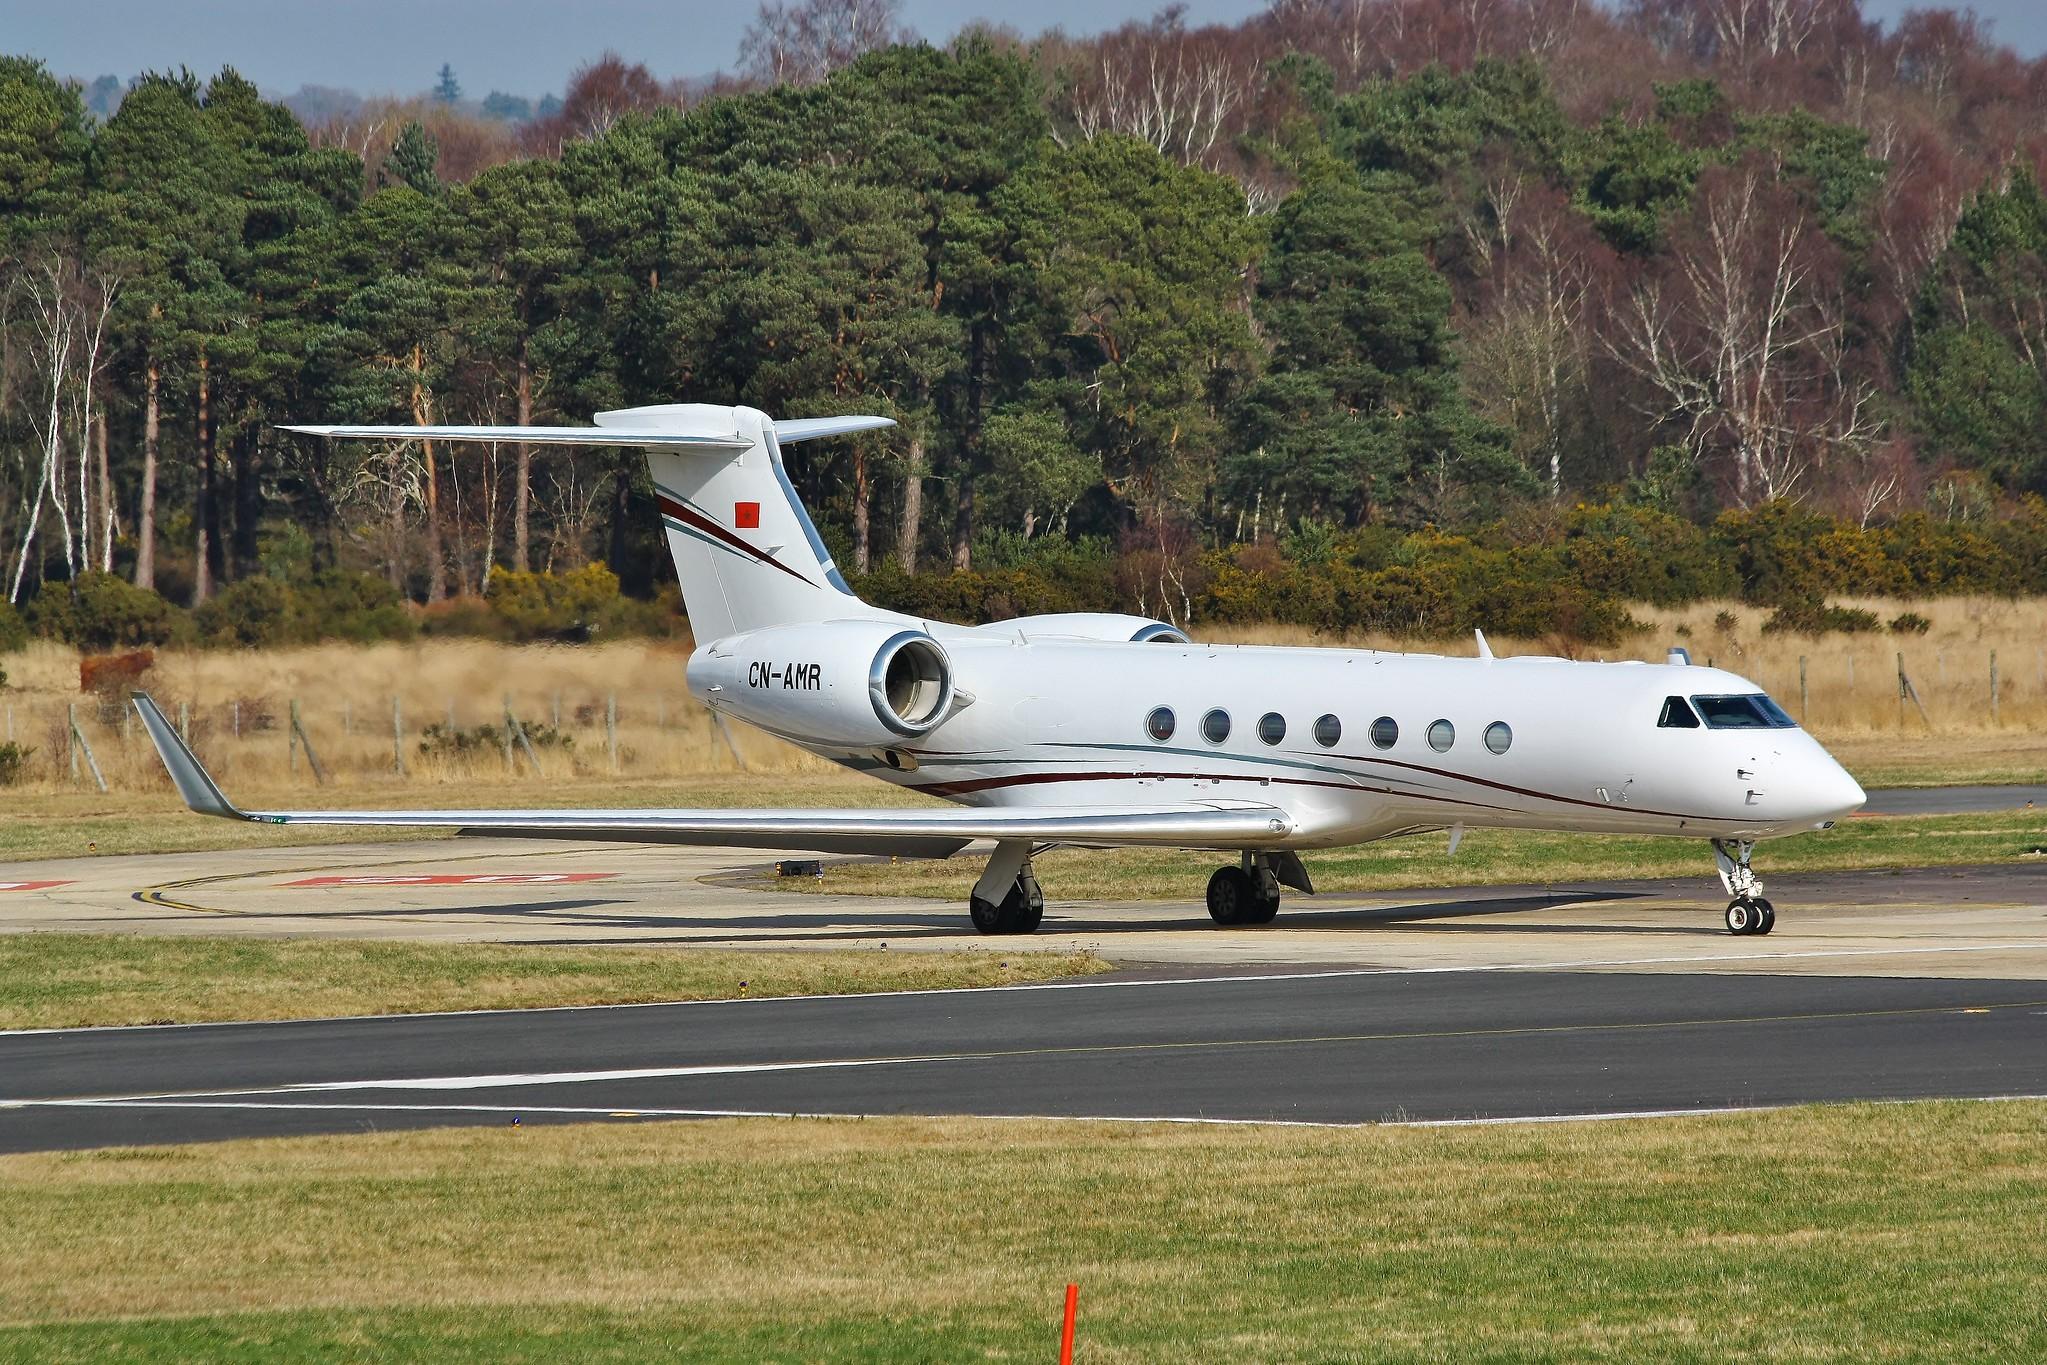 FRA: Avions VIP, Liaison & ECM - Page 19 39786859084_65dd29a46d_k